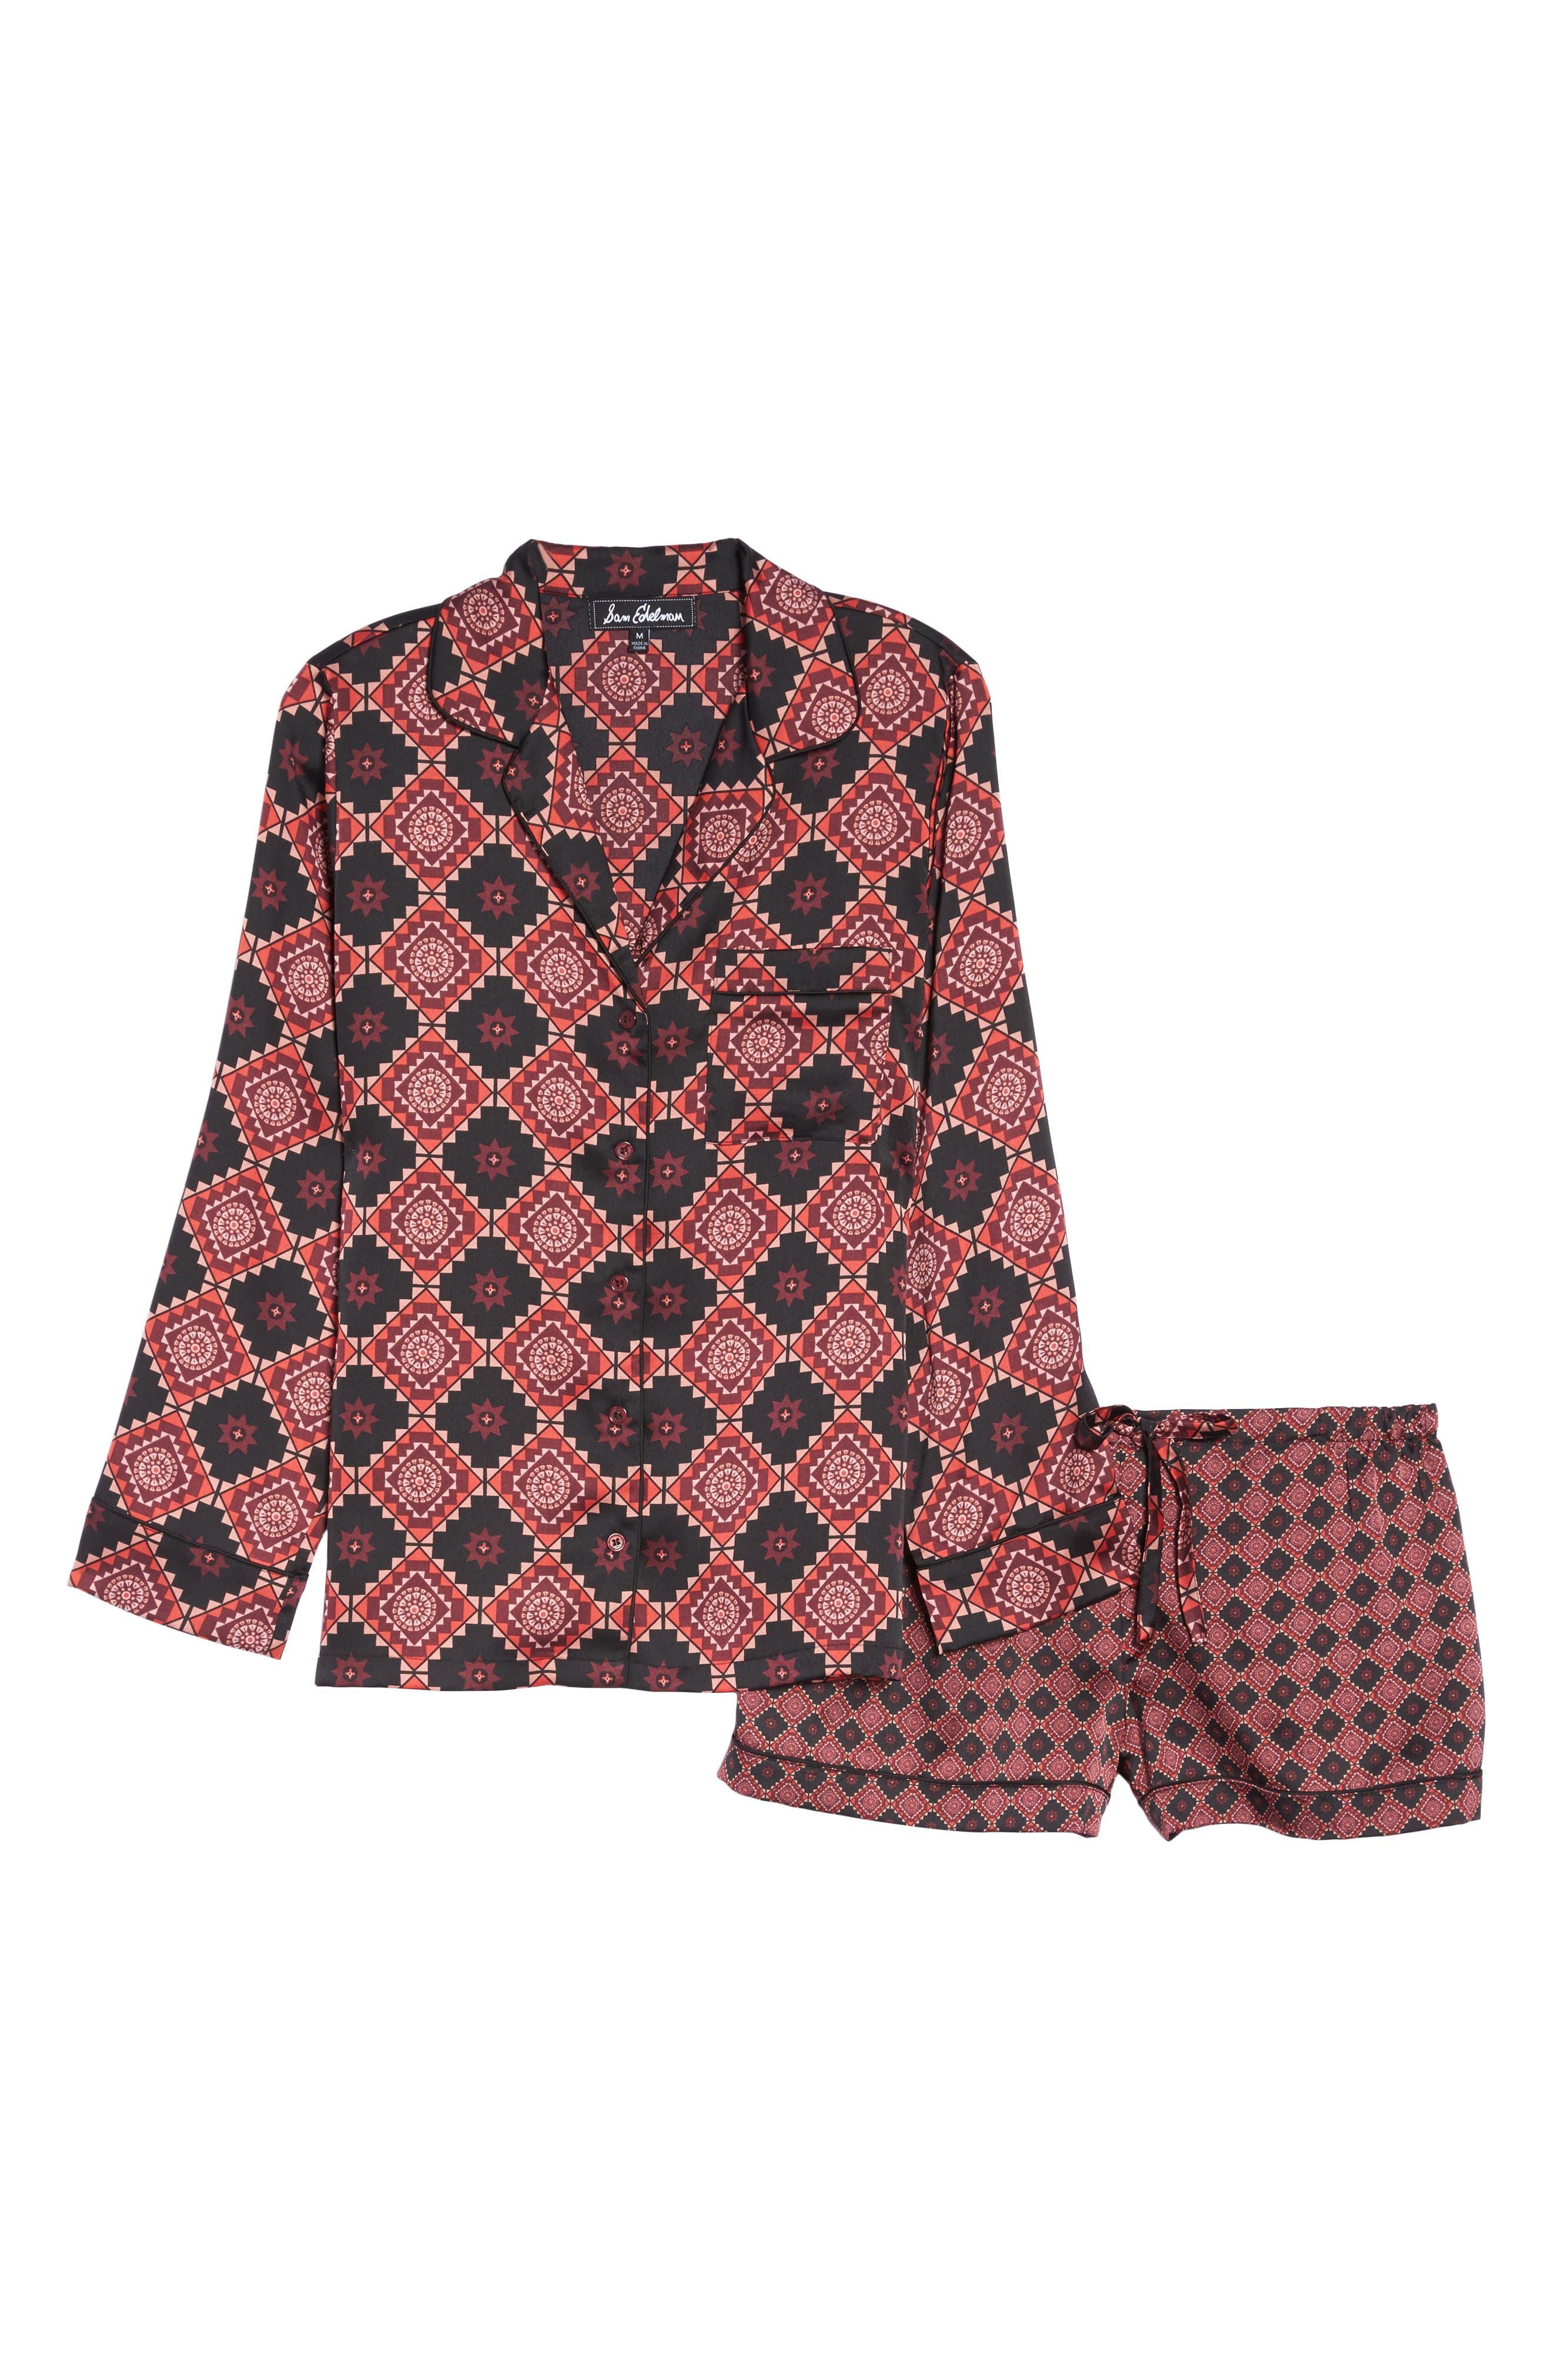 Short Pajamas & Eye Mask Set,                             Alternate thumbnail 6, color,                             Large Windsor Wine Aztec